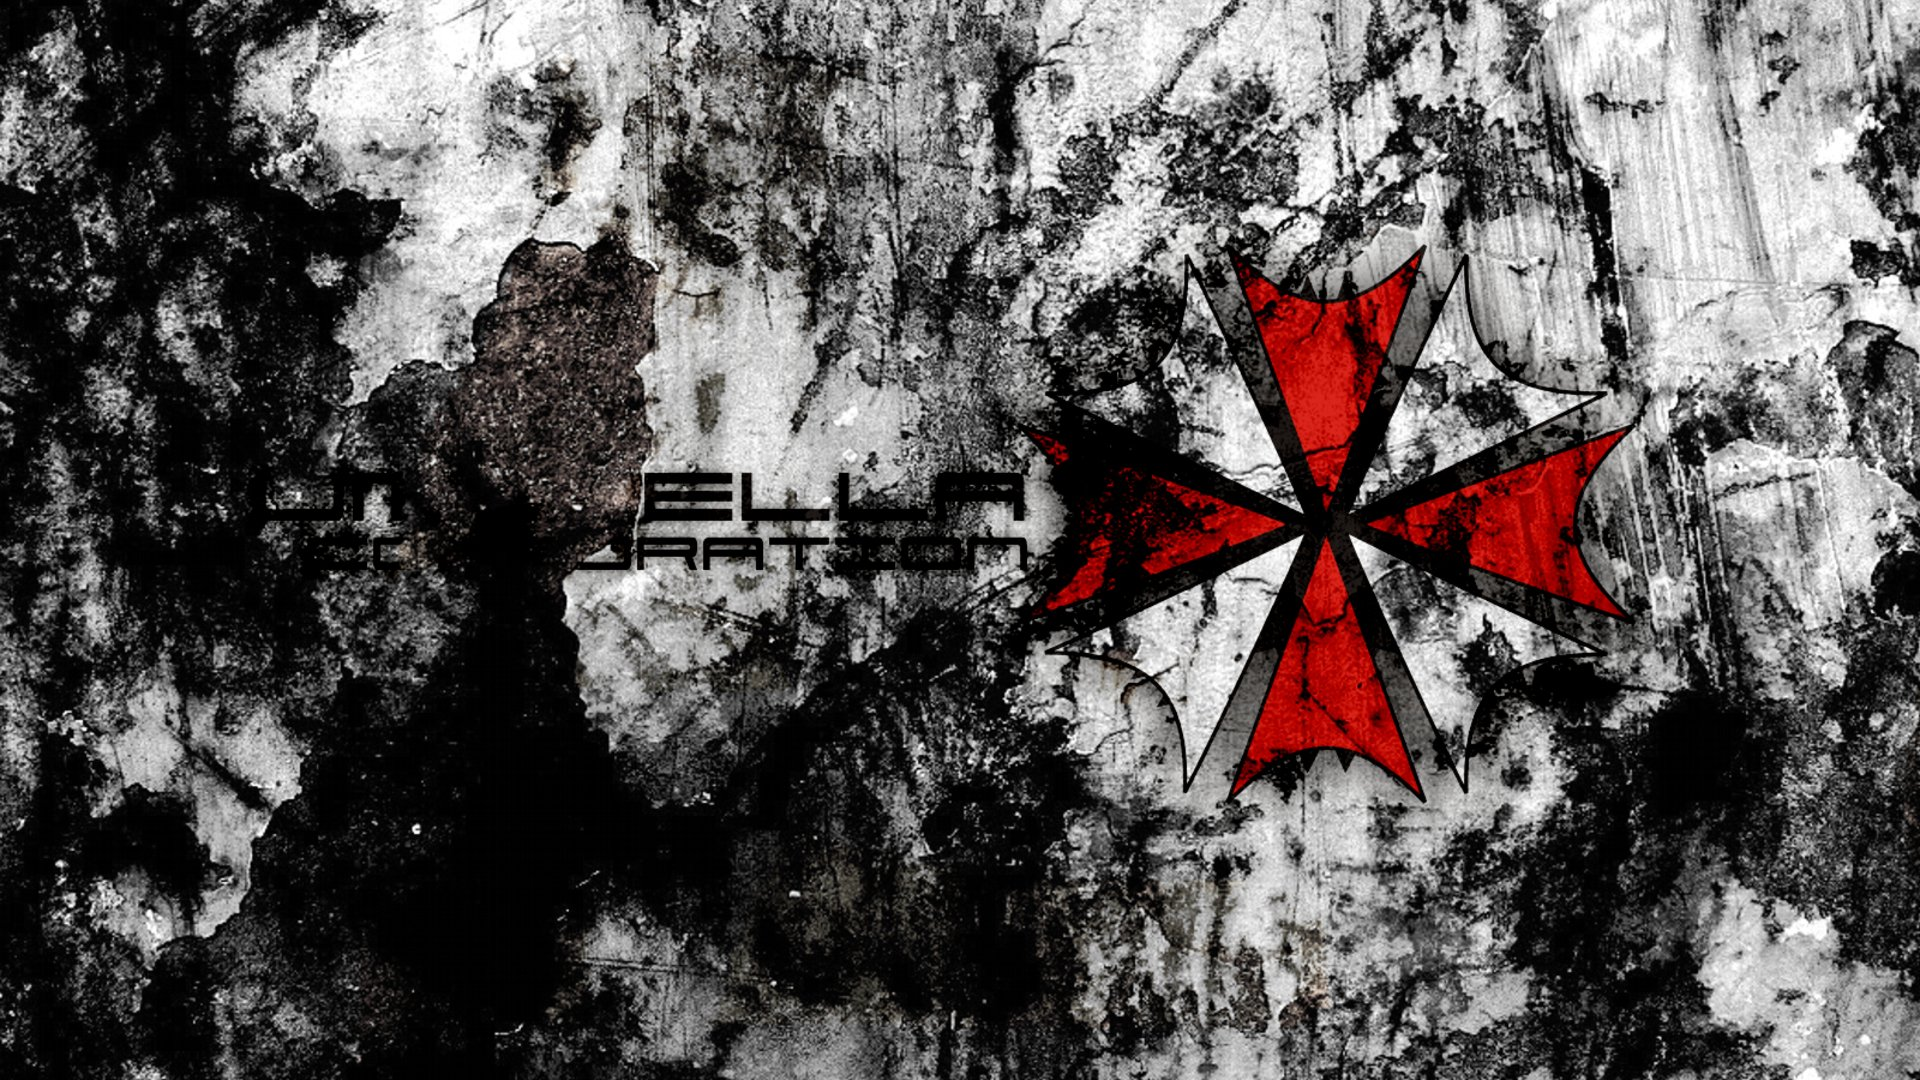 Video Game - Resident Evil  Wallpaper